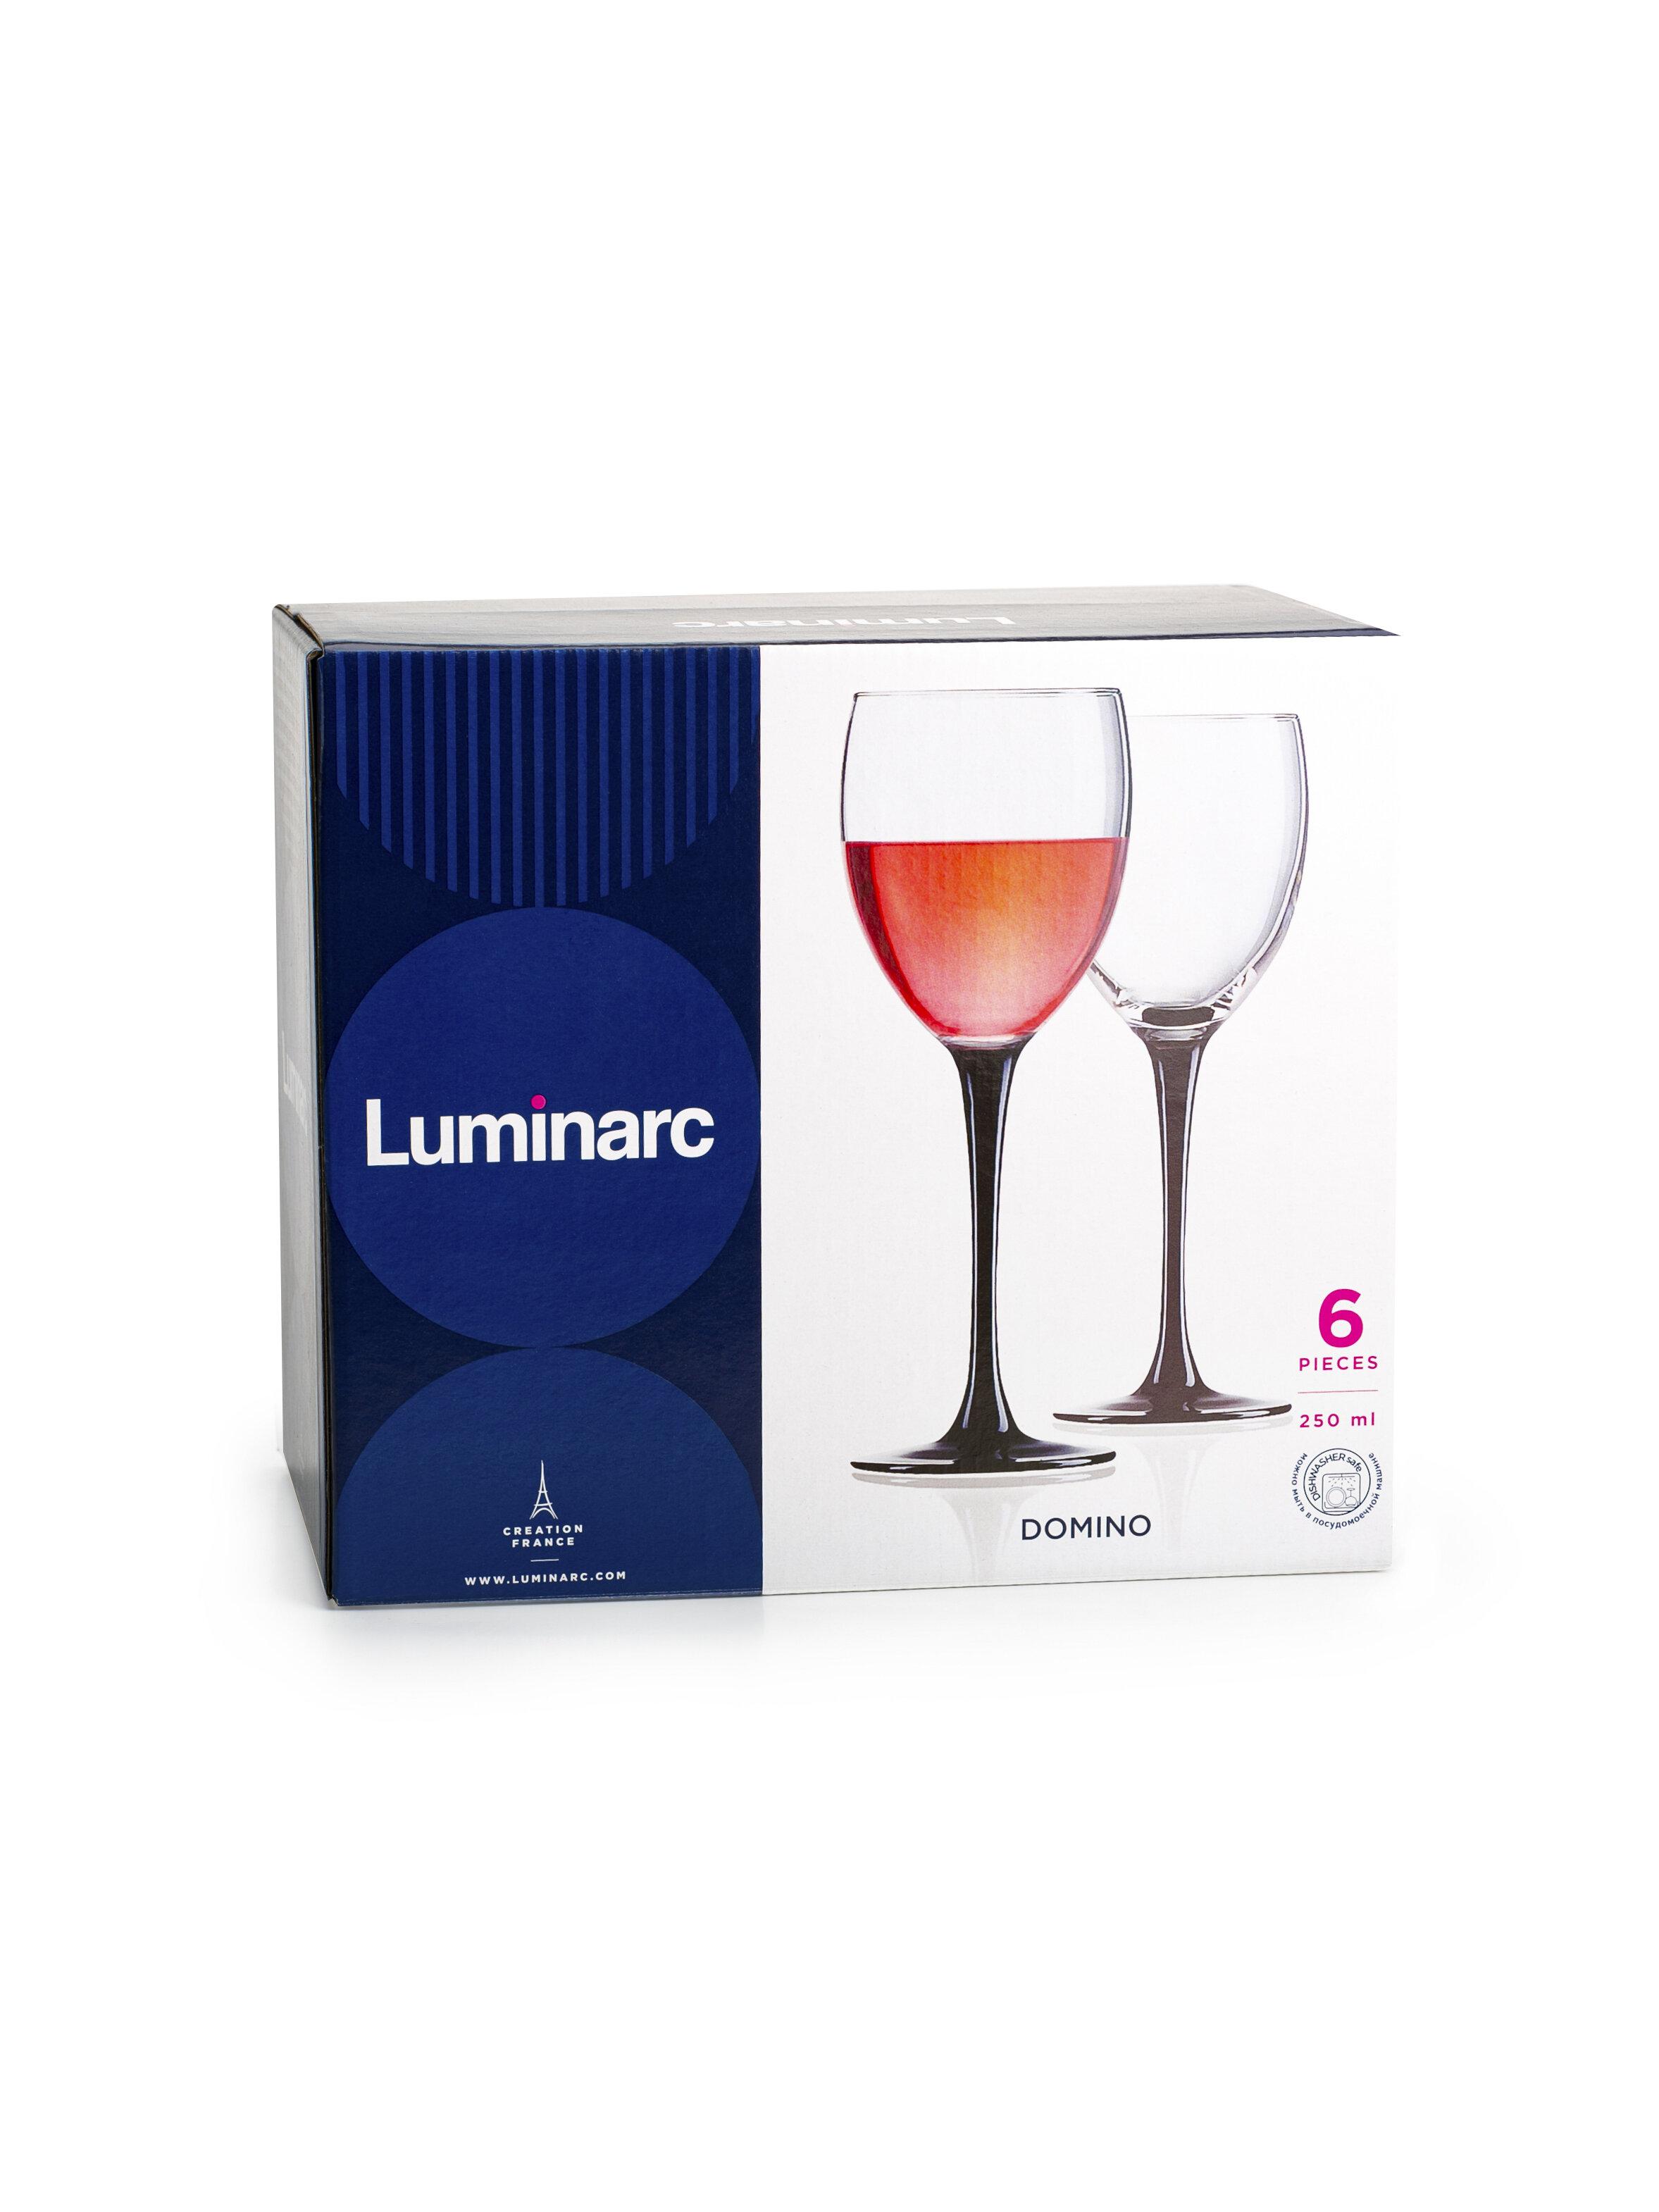 Набор фужеров Luminarc domino для красного вина 6шт